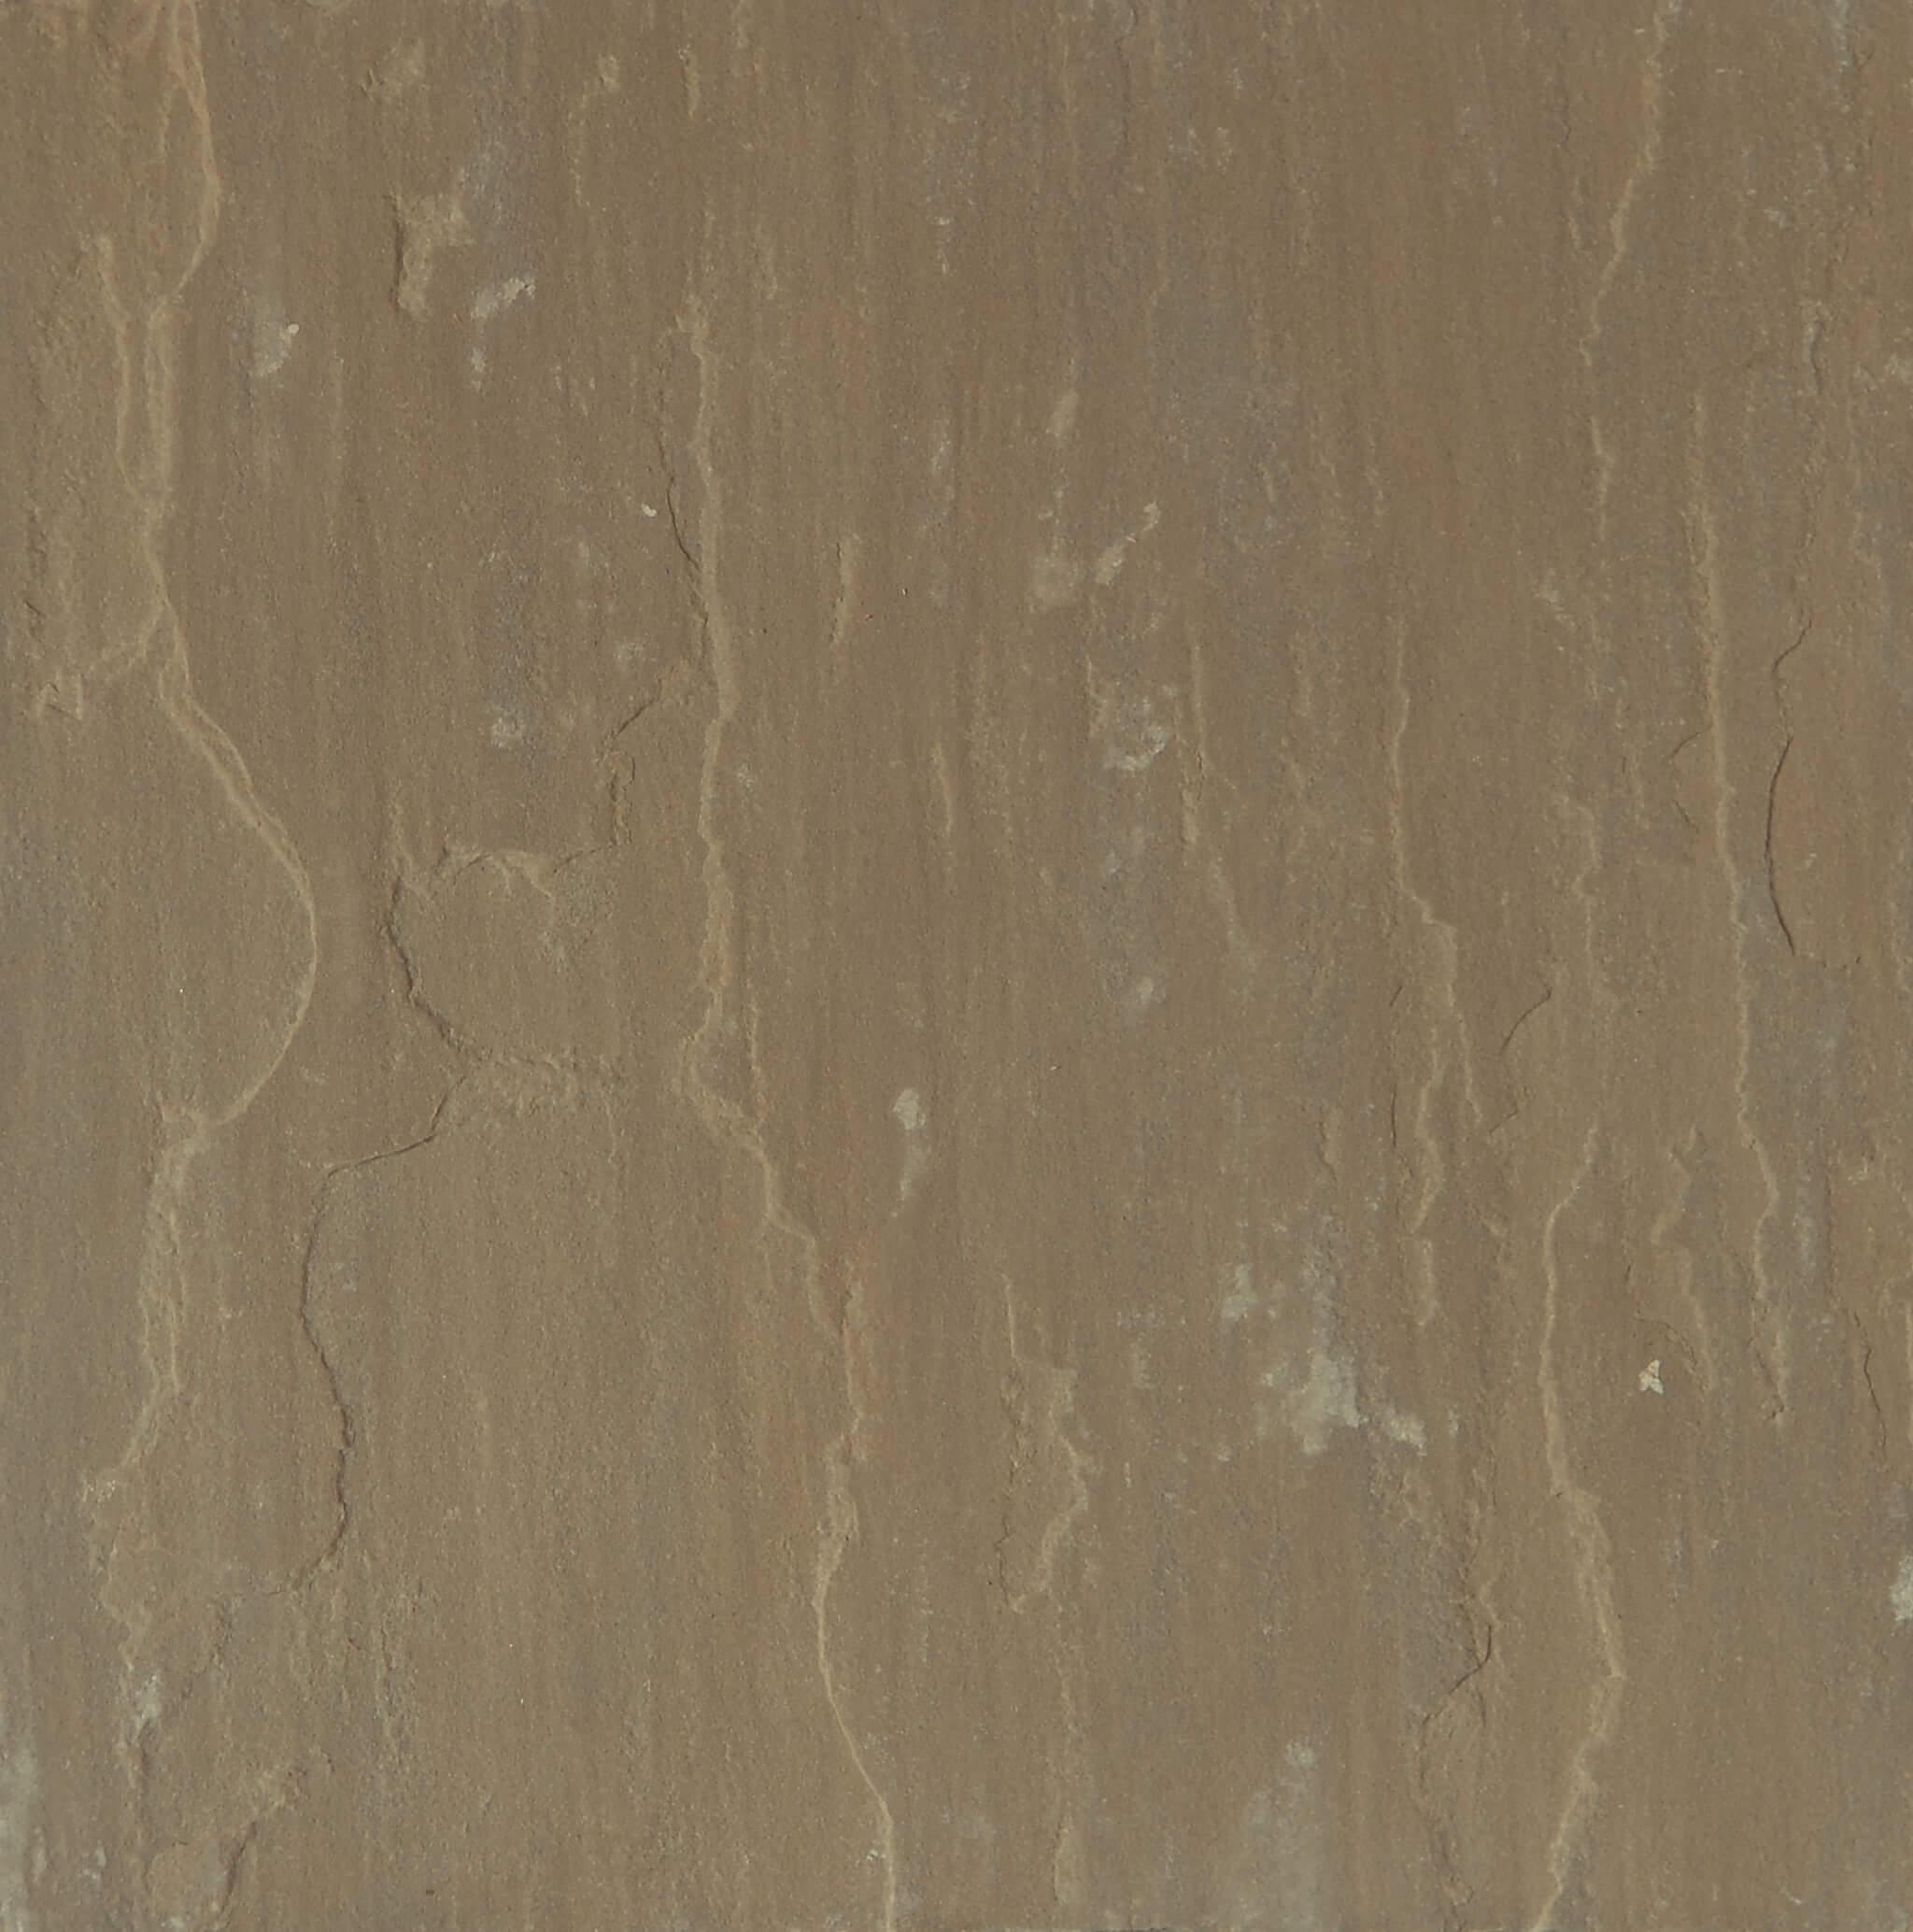 pavimenti-in-pietra-arenaria